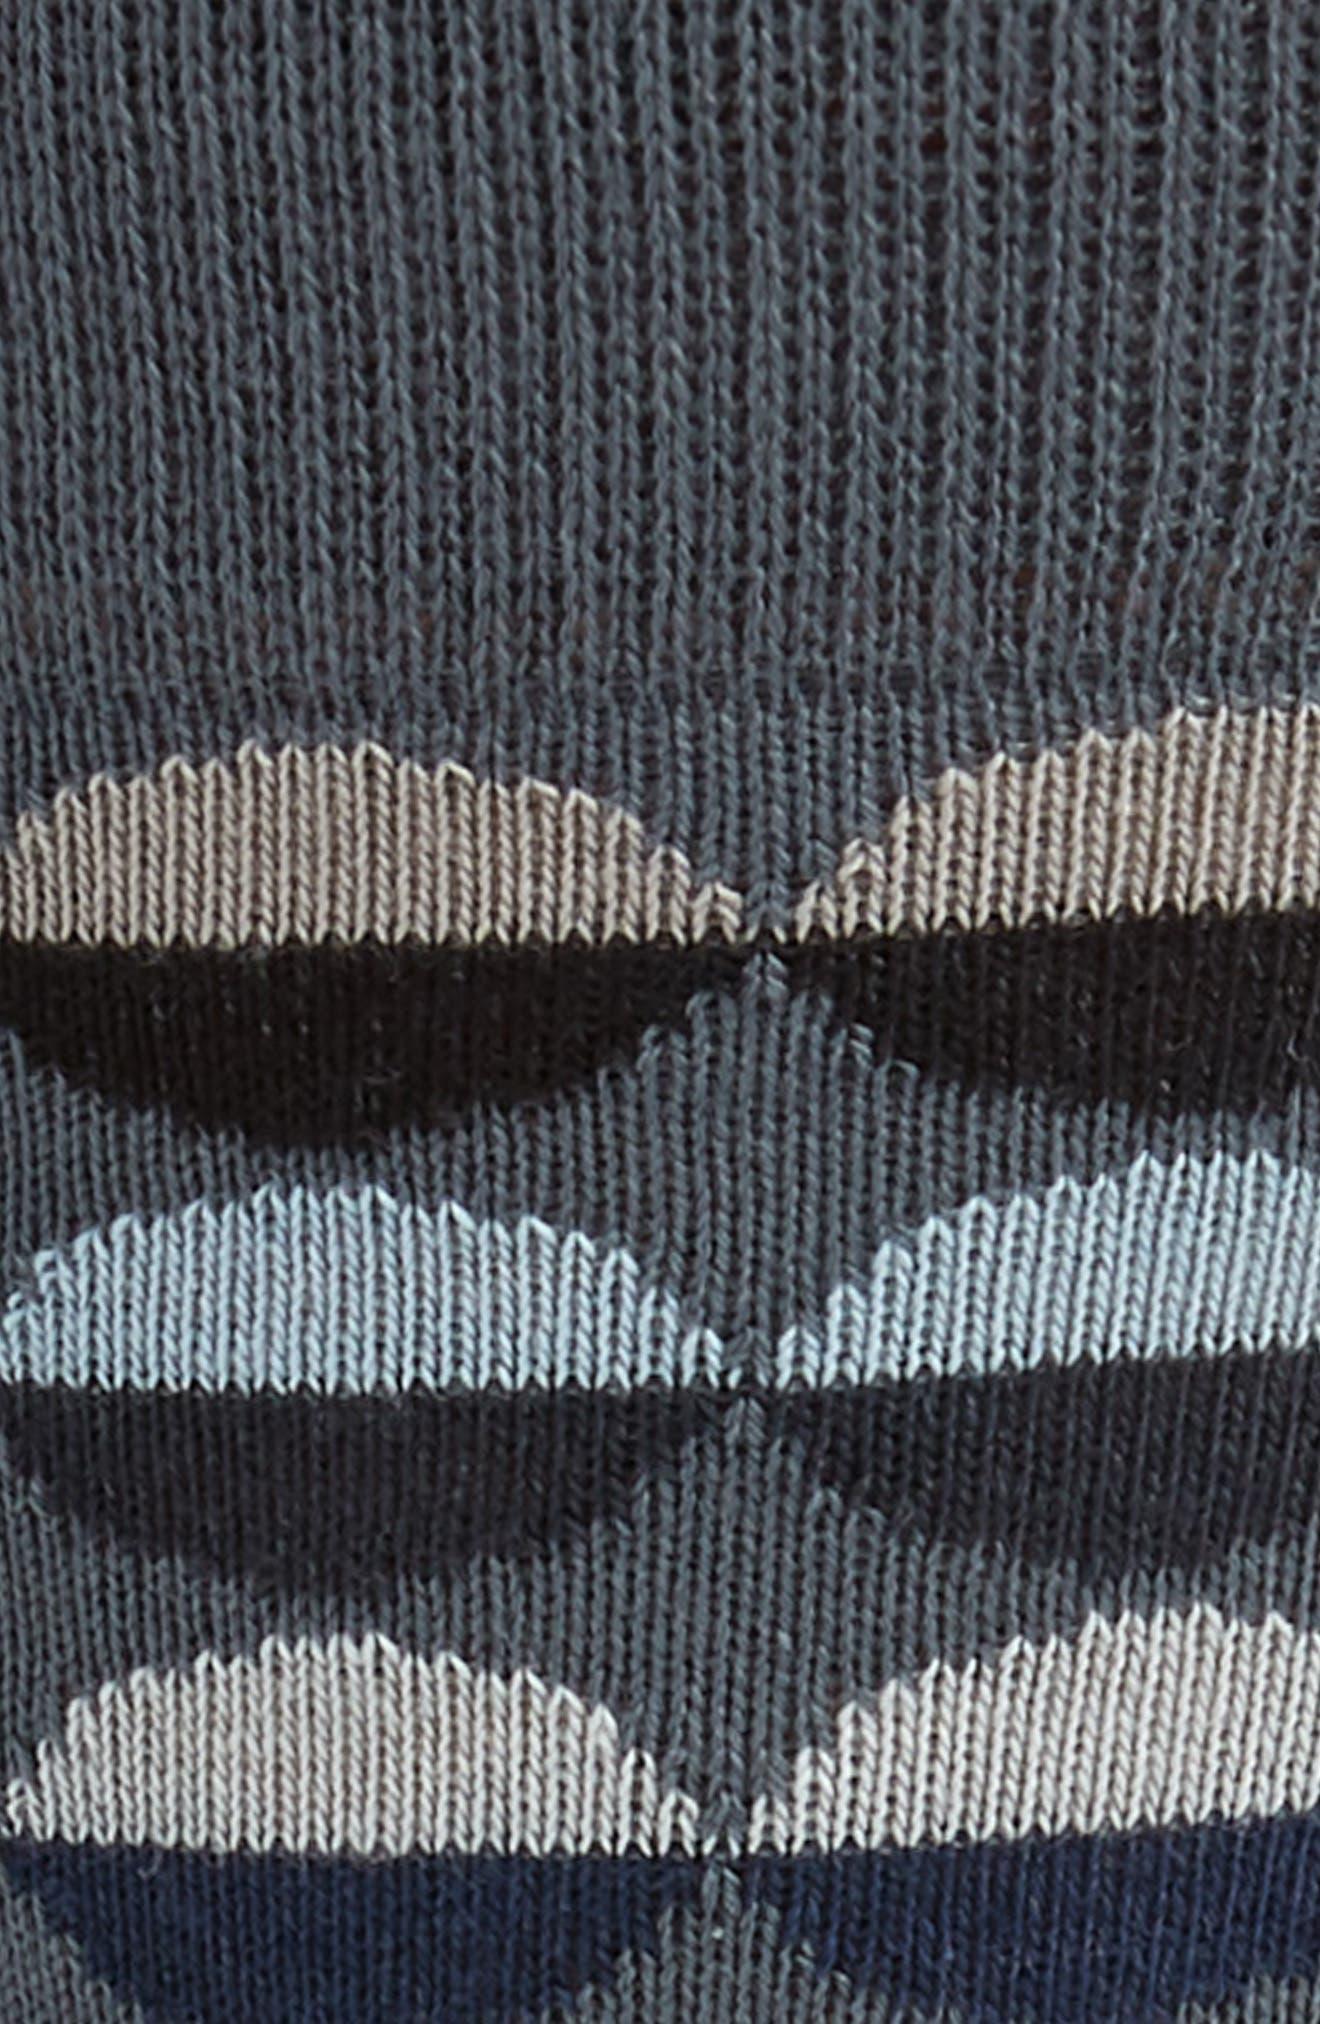 PAUL SMITH,                             Sunset Dot Socks,                             Alternate thumbnail 2, color,                             300